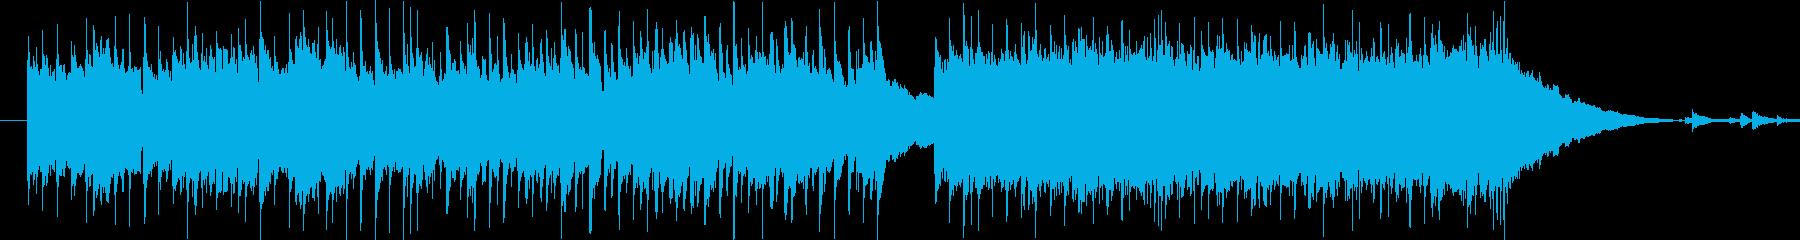 ポップス&ハードロックの再生済みの波形